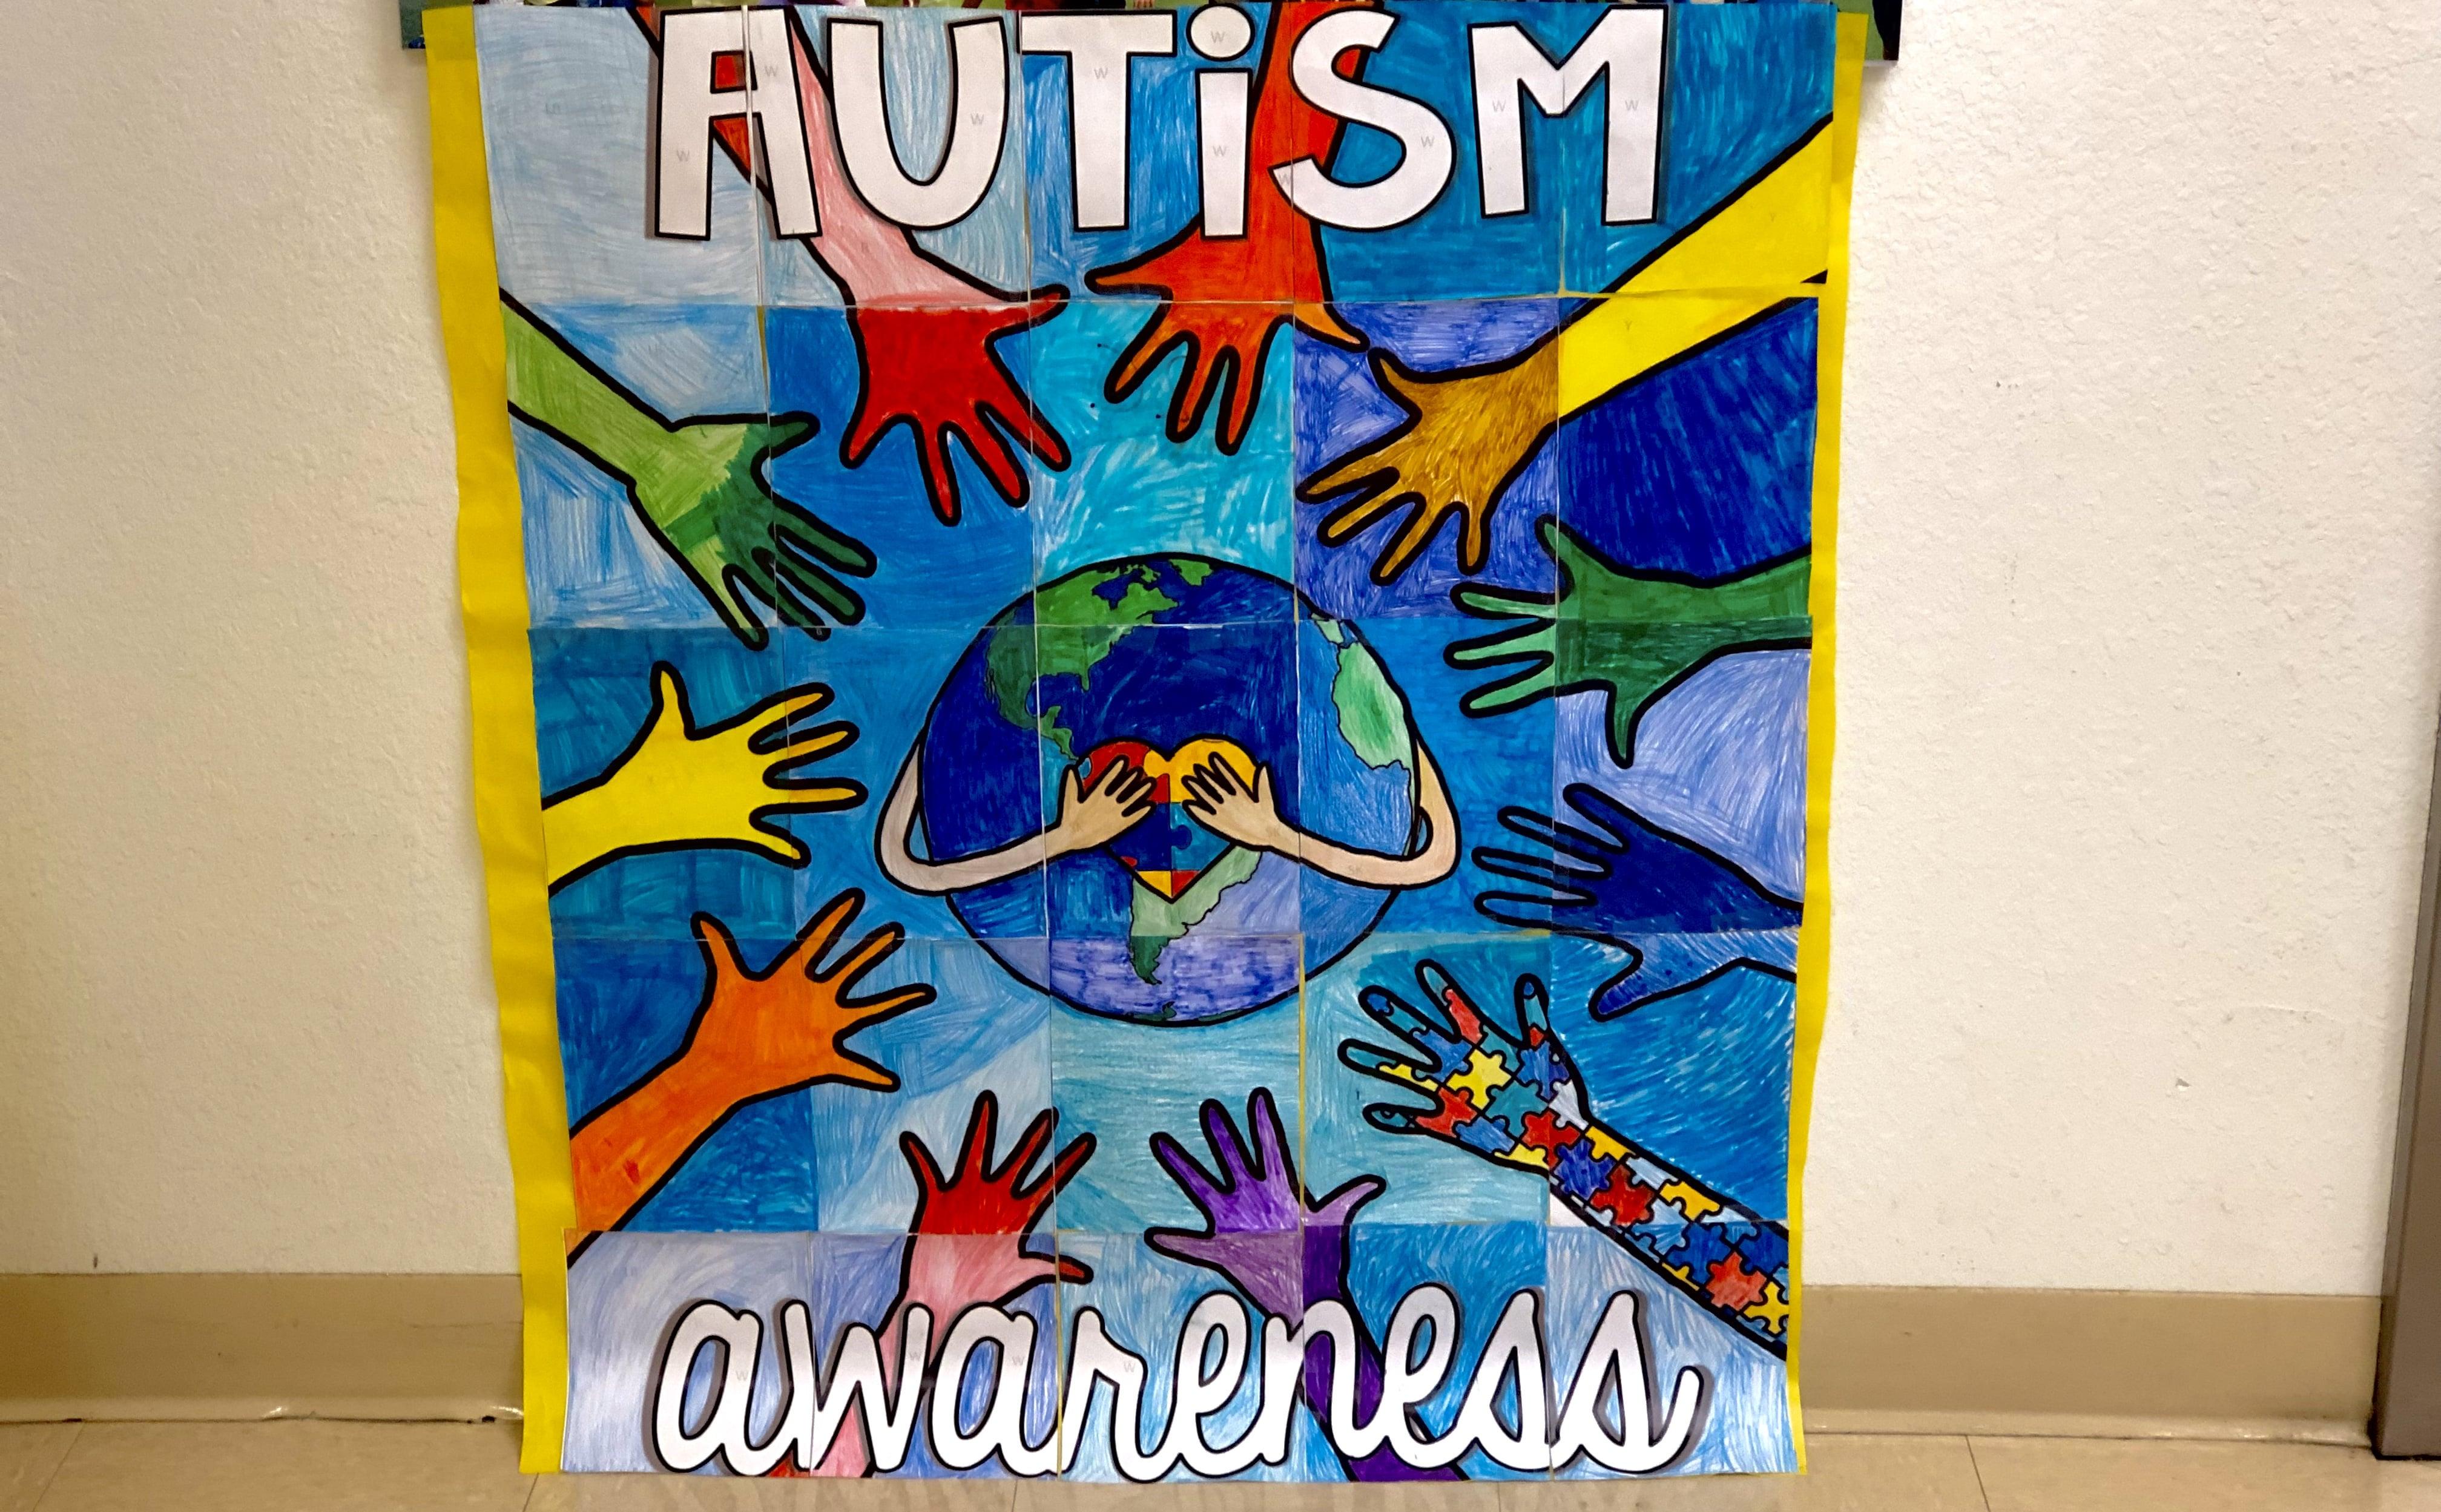 Autism Awareness Image number 5